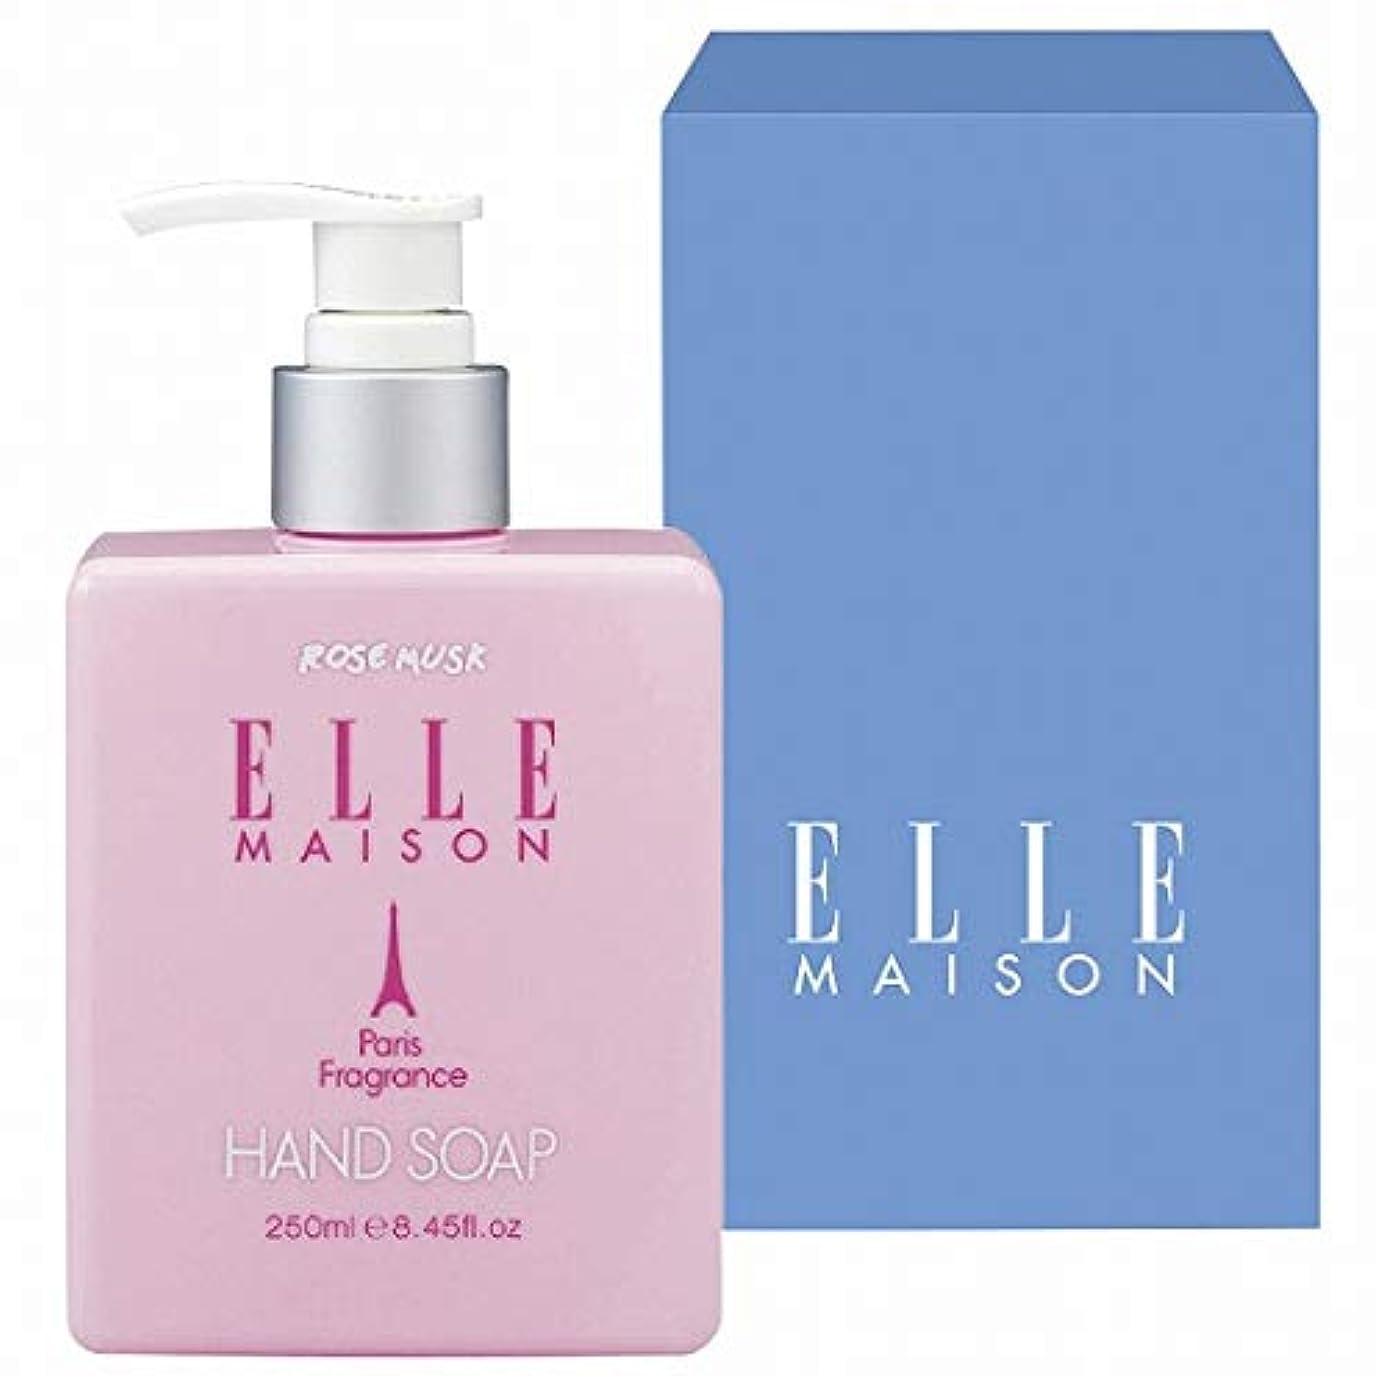 クレジット有害な淡いエルマイソン(ELLE MAISON) ELLE MAISON 薬用ハンドソープ